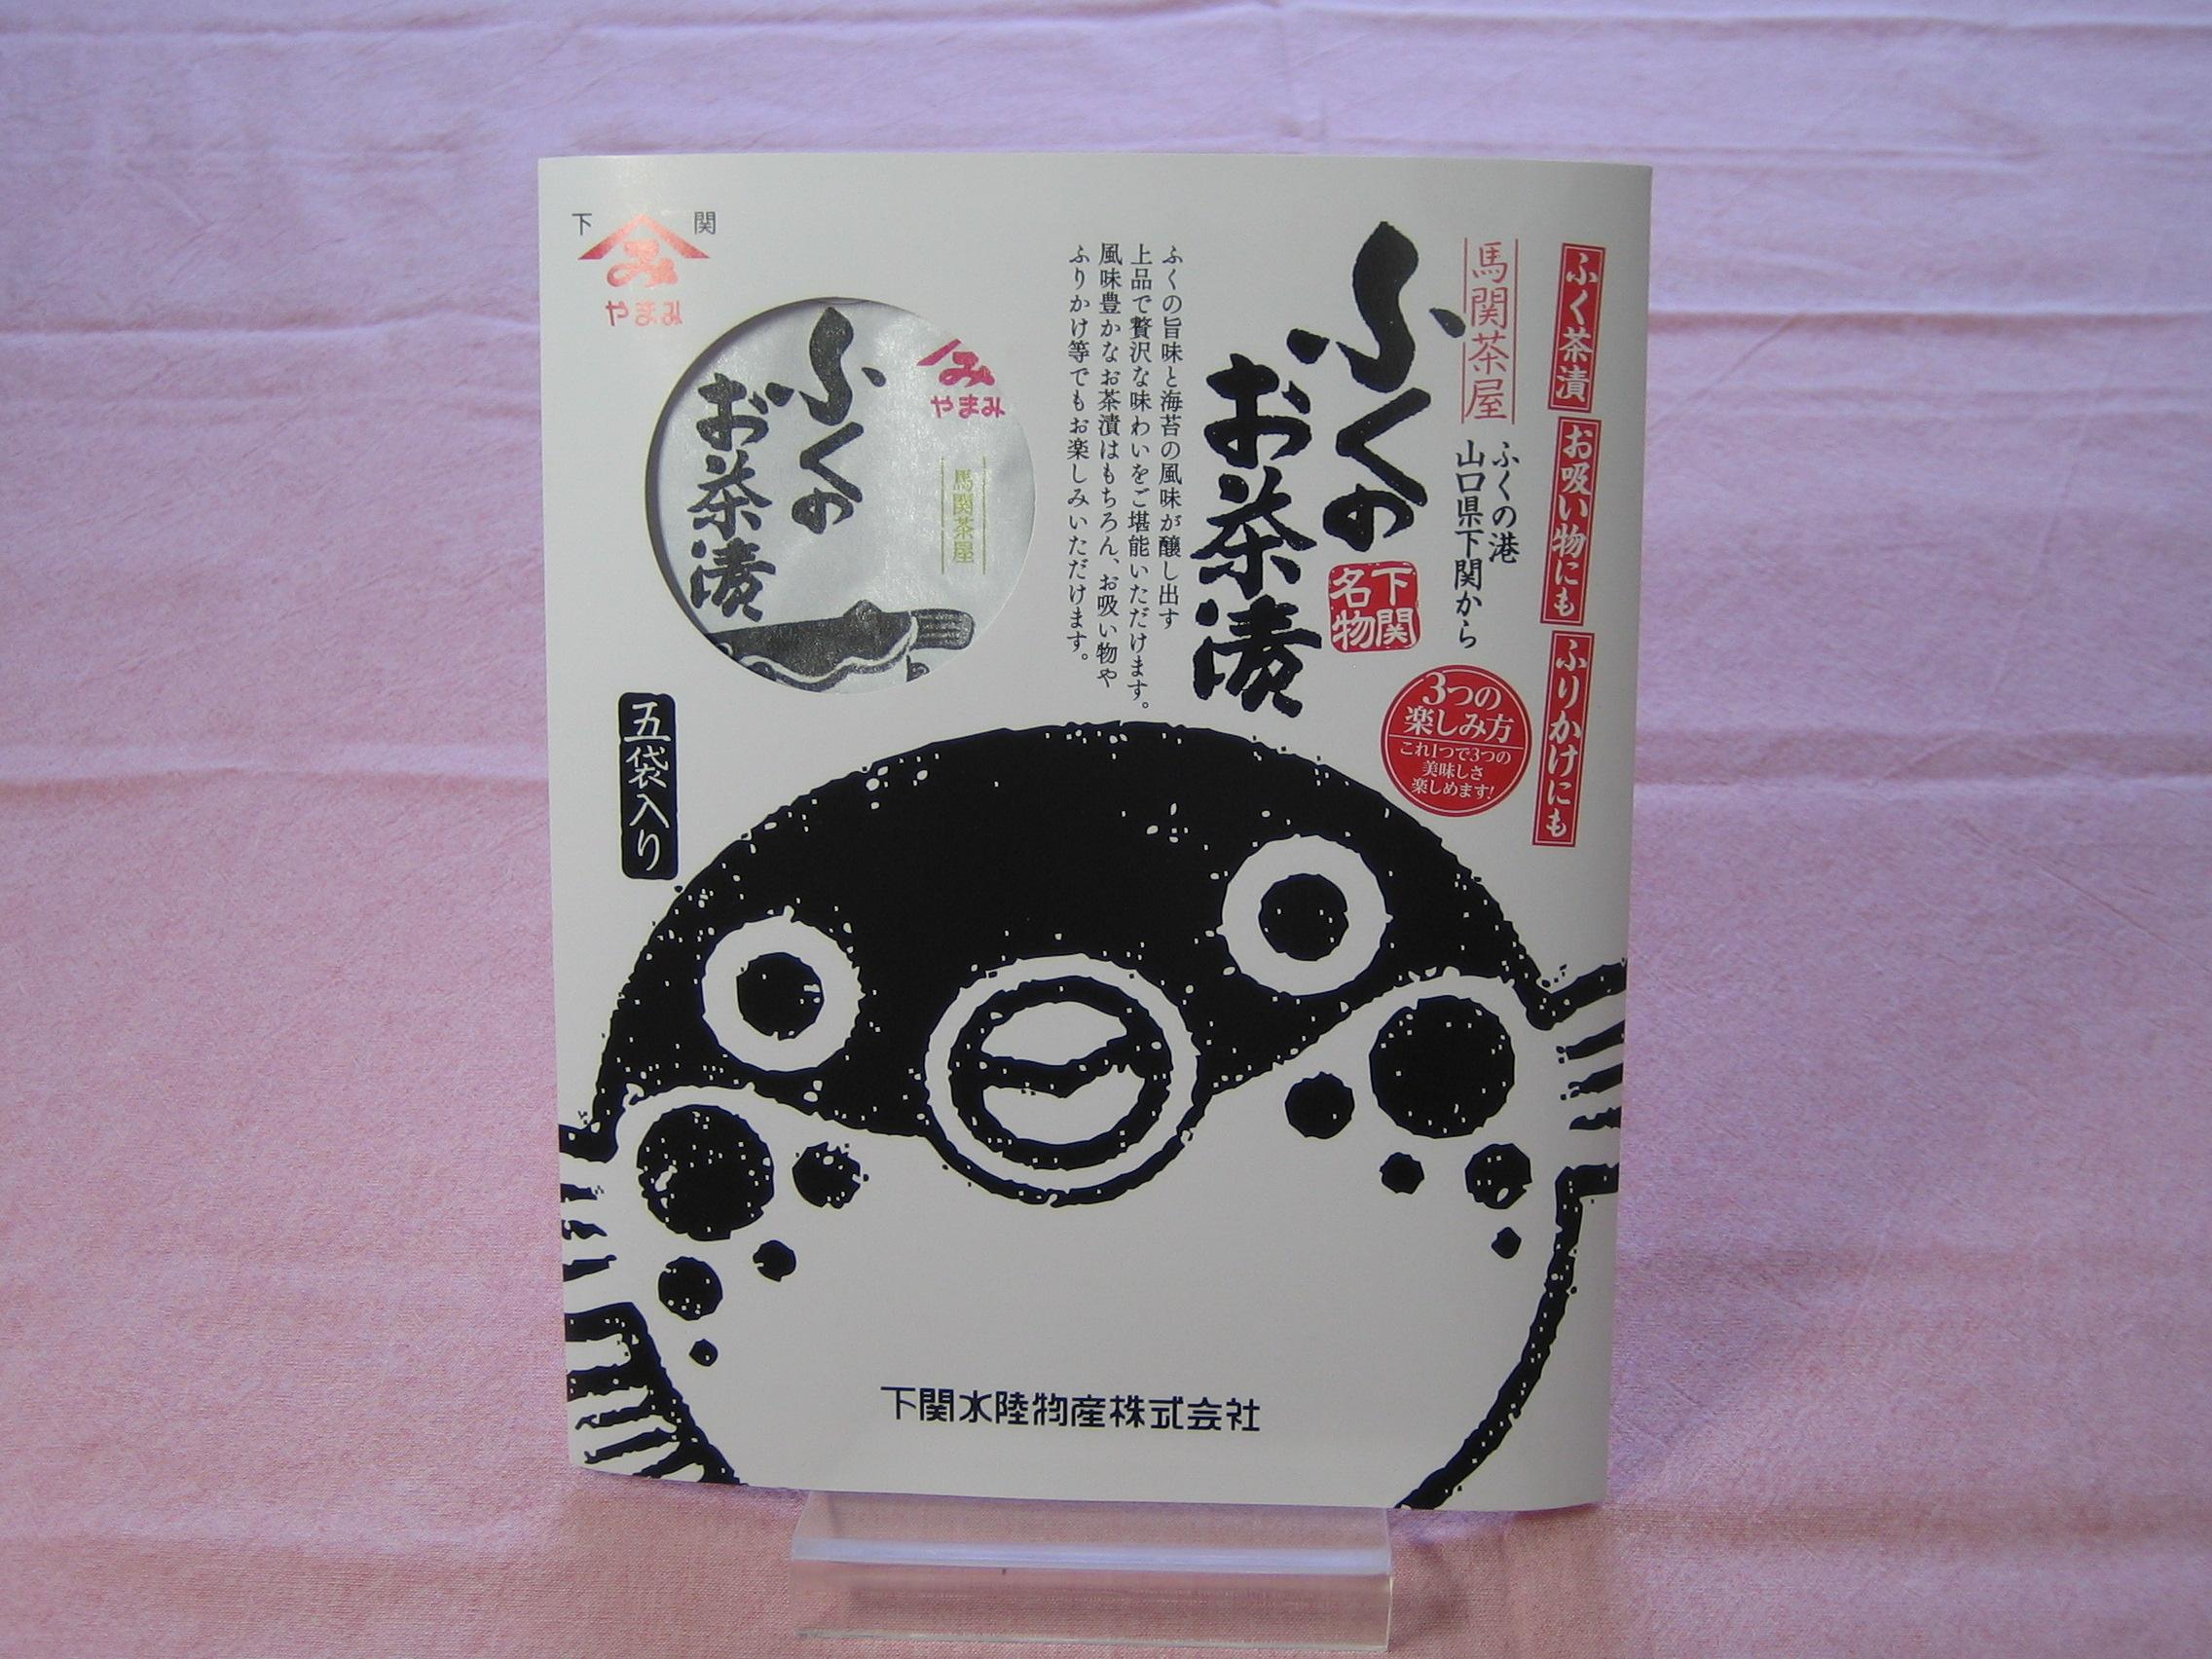 ふくのお茶漬け ~5食入り~ 下関水陸物産01